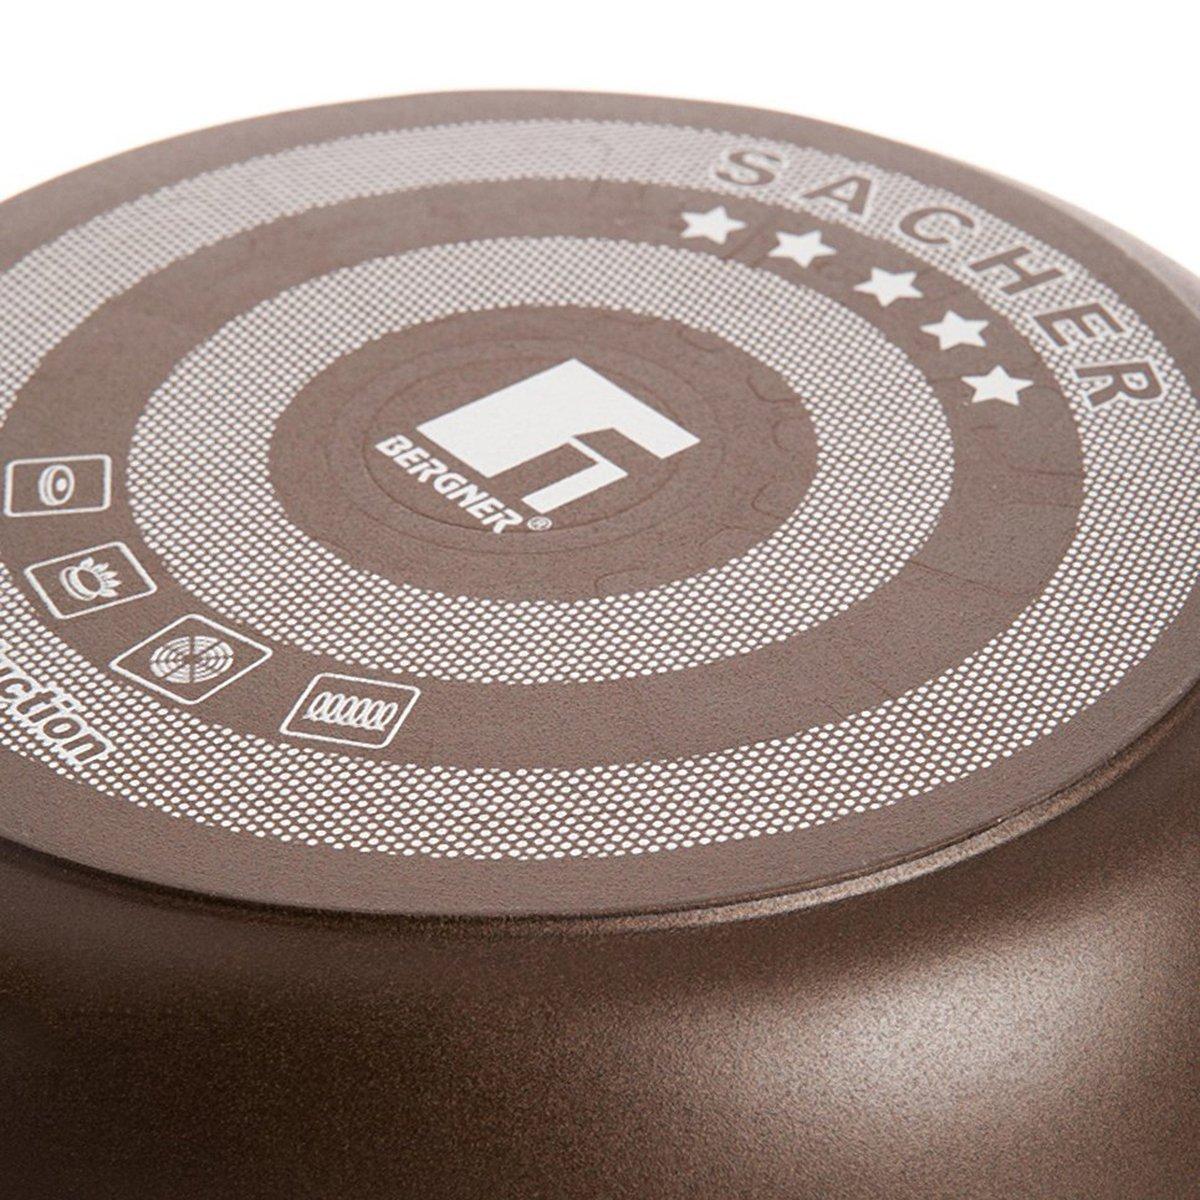 Bergner Sacher Wok con Recubrimiento de Diamante, diámetro 28 cm, Apto para inducción, Color Negro, Aluminio Fundido, Centimeters